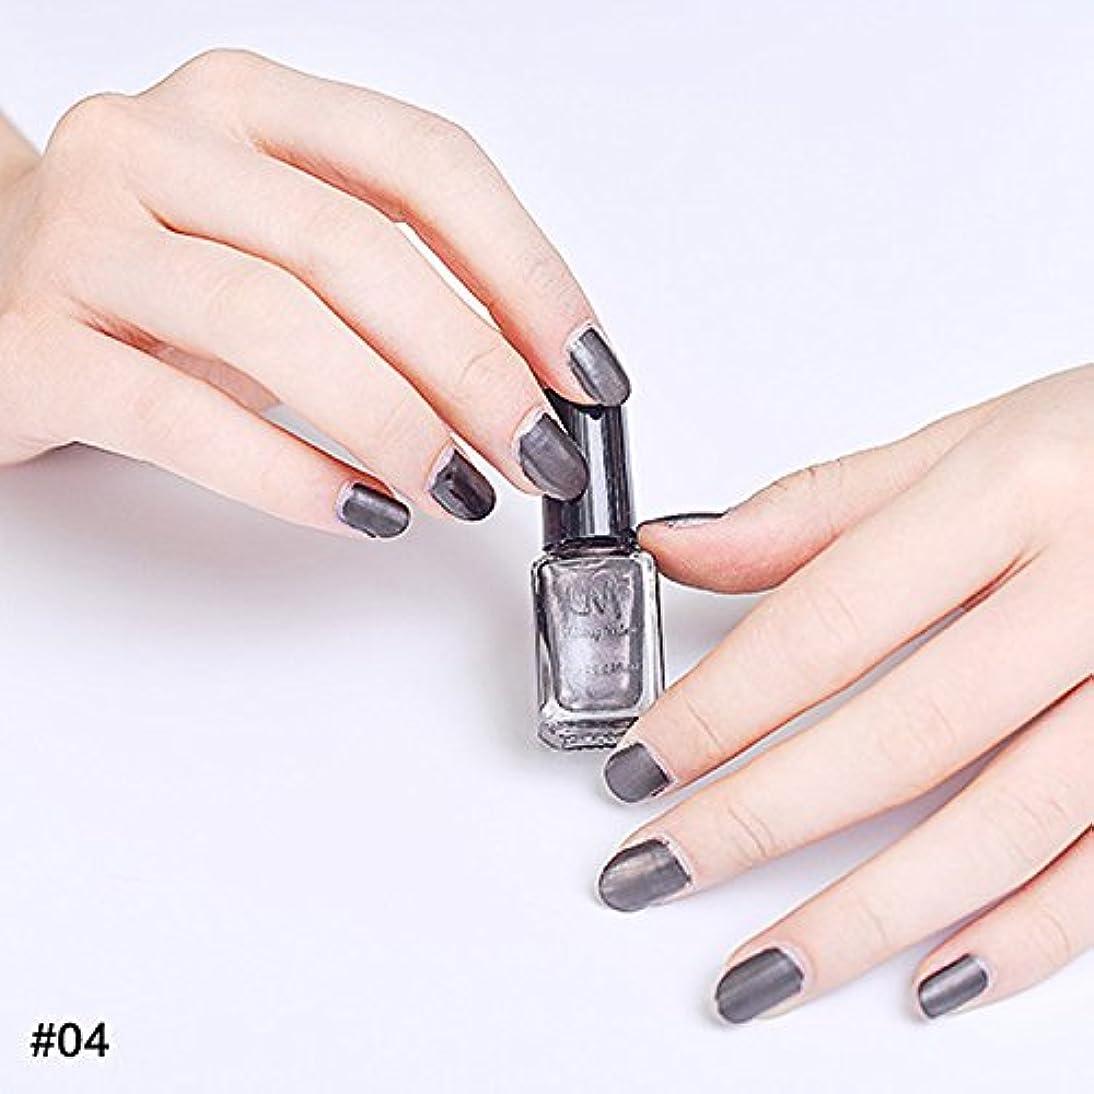 滑る比較シートhjuns-Wu マニキュア パール感 1ボトル 6ml ネイルポリッシュ(黒)